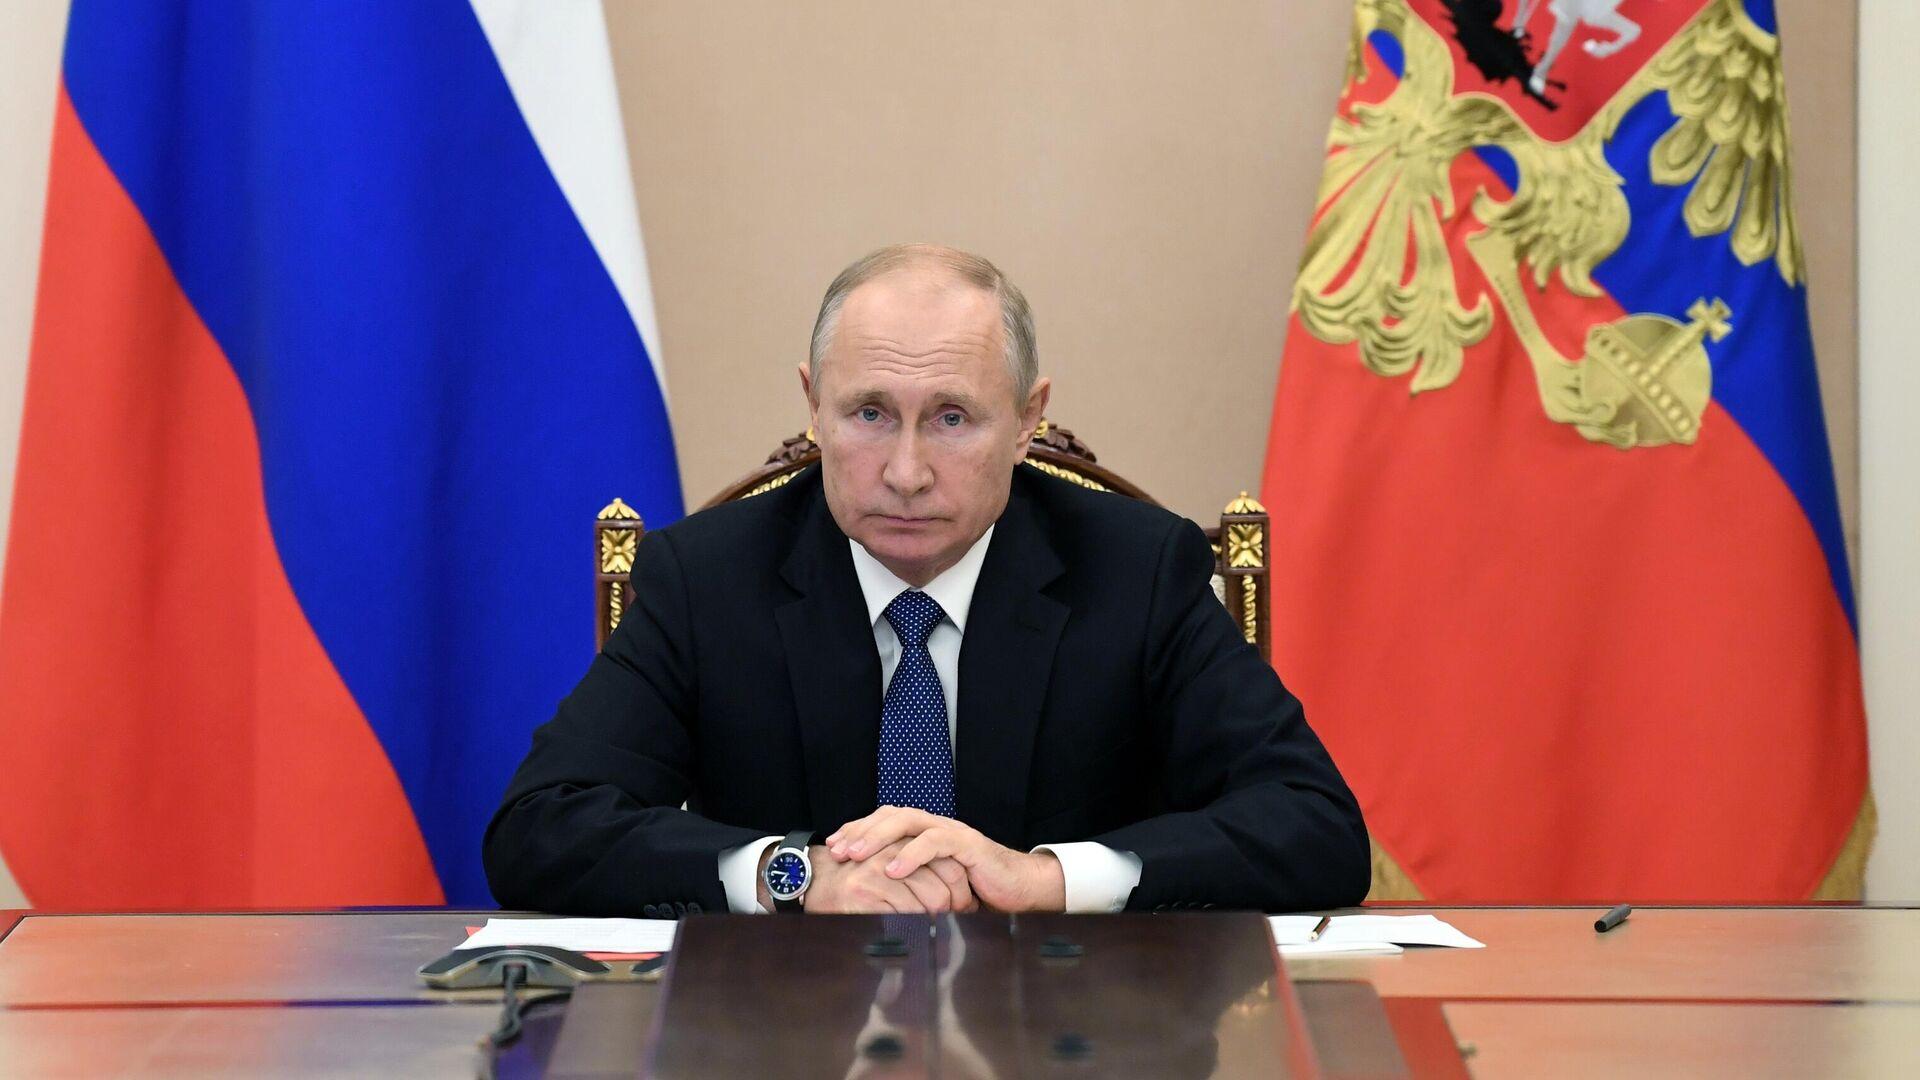 Президент РФ Владимир Путин проводит оперативное совещание с постоянными членами Совета безопасности РФ в режиме видеоконференции - РИА Новости, 1920, 17.11.2020